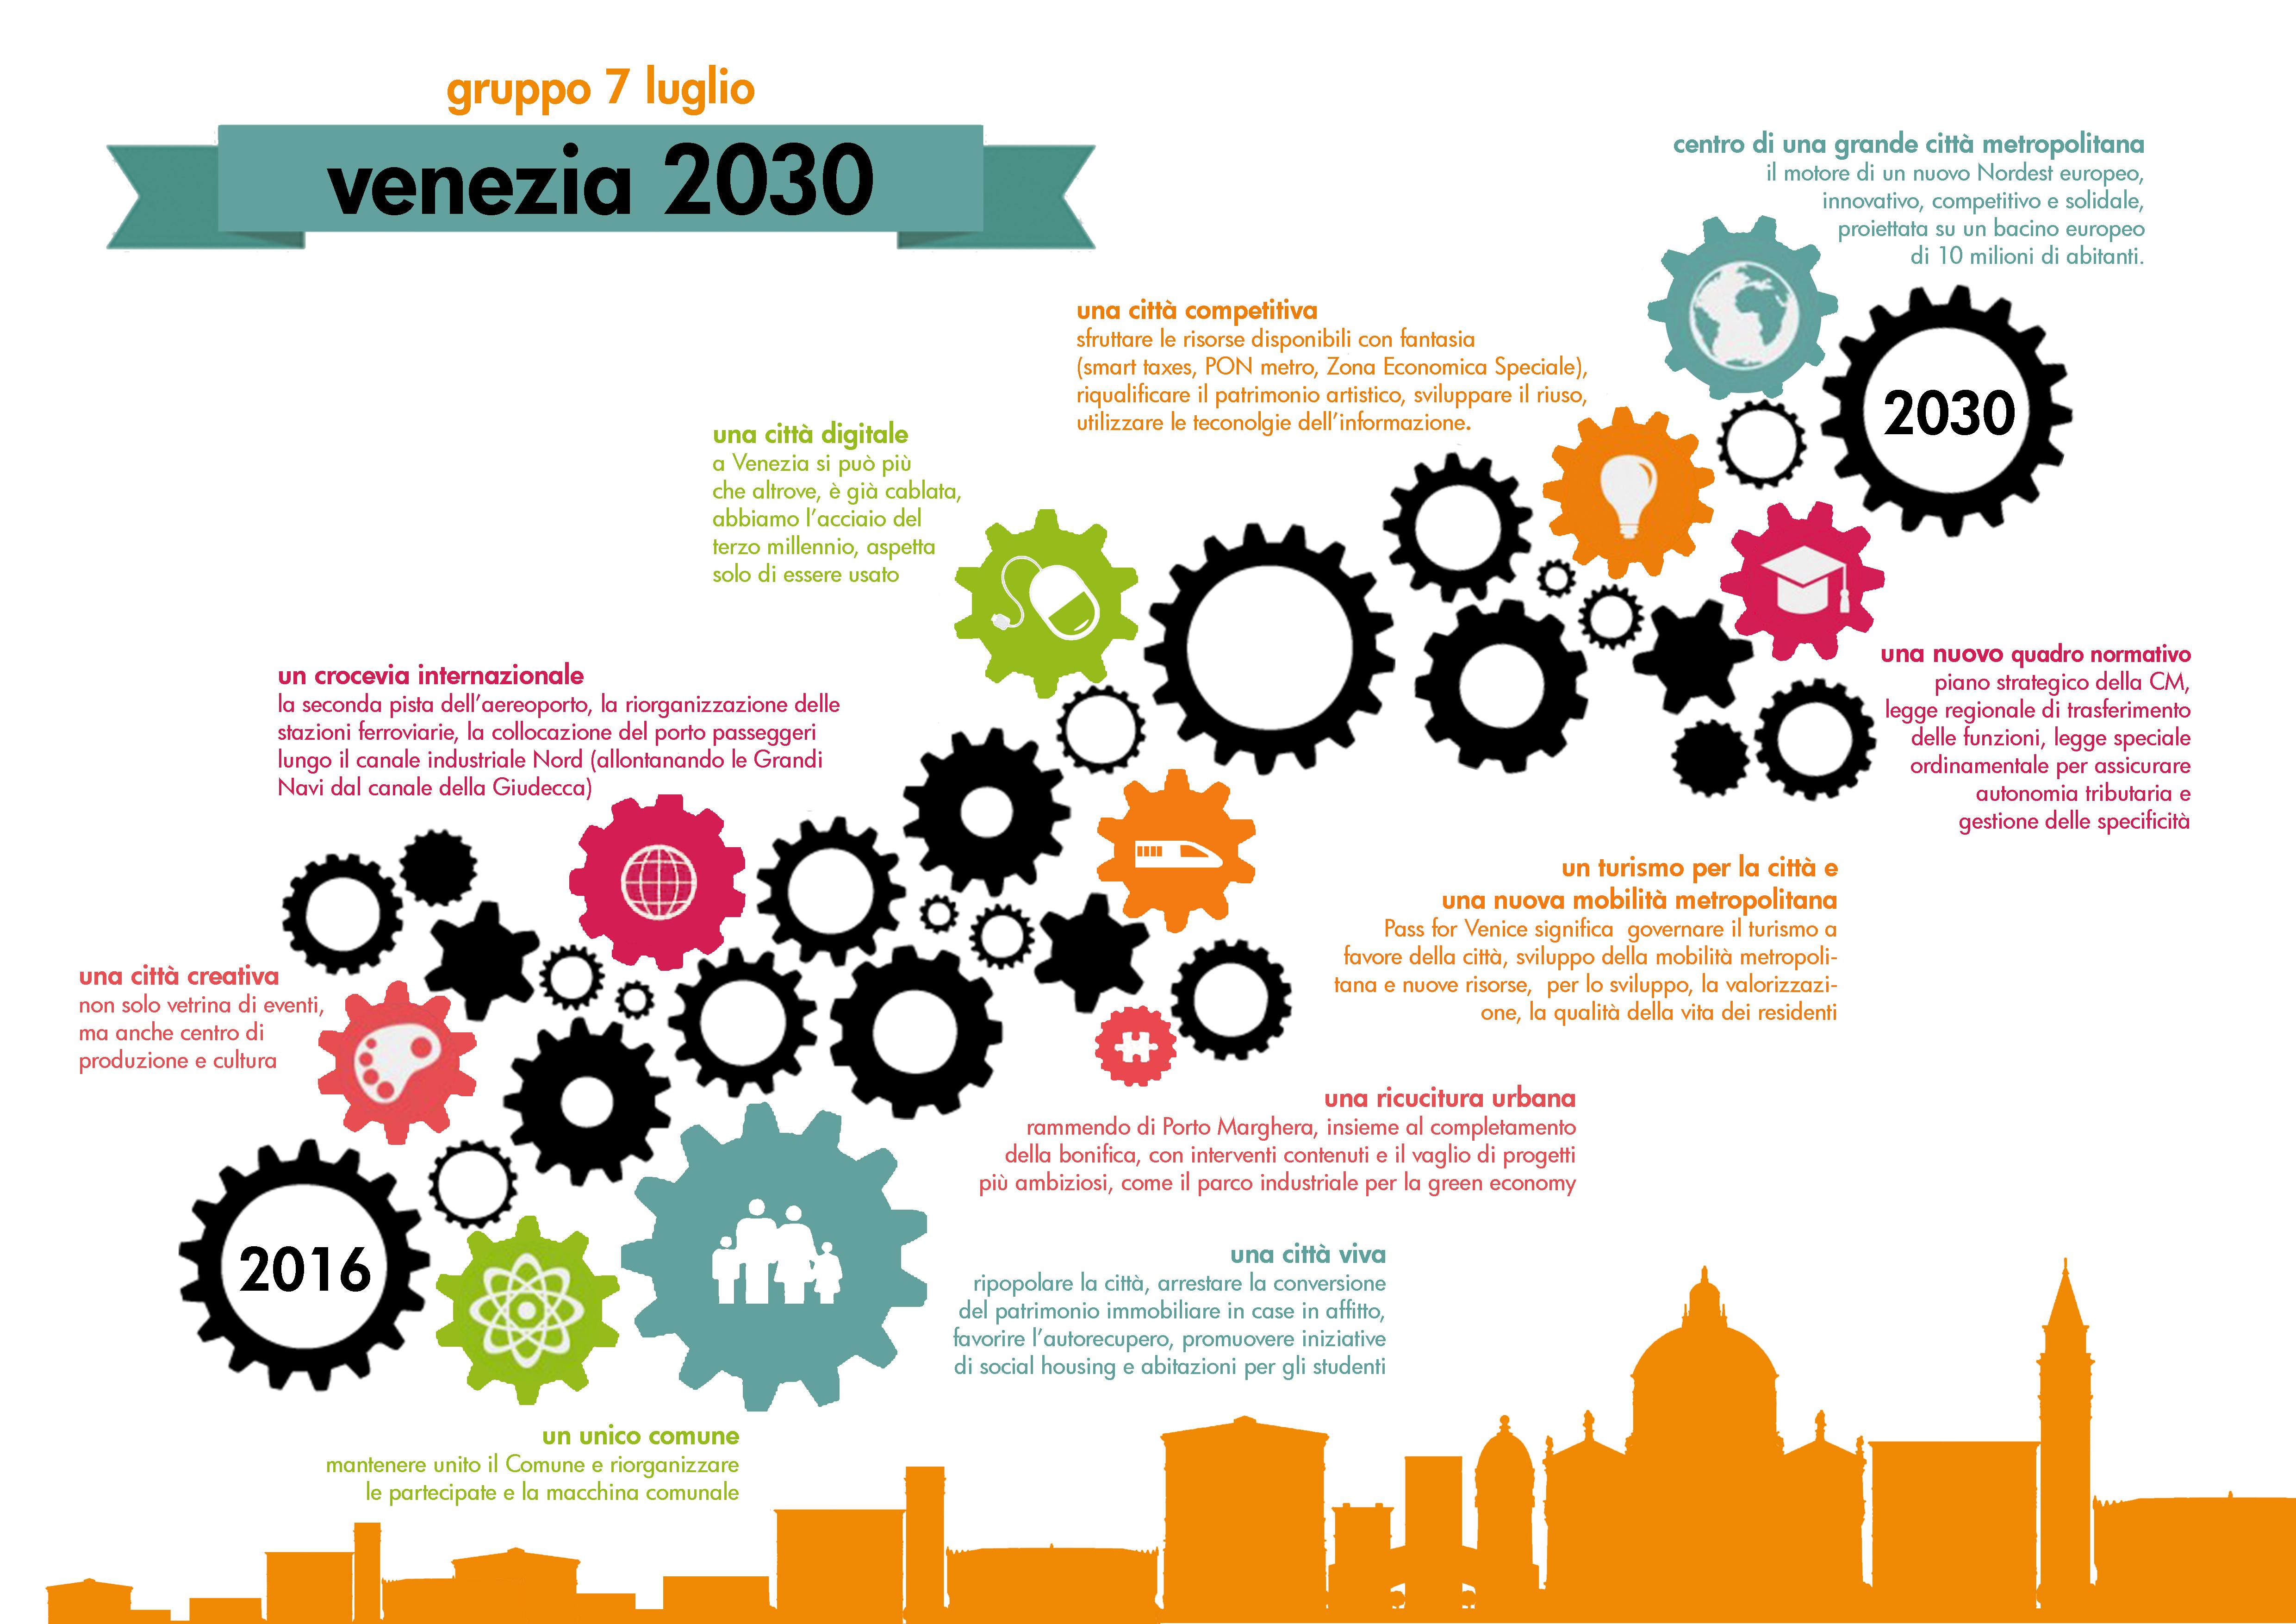 gruppo 7 luglio_venezia futura infografica